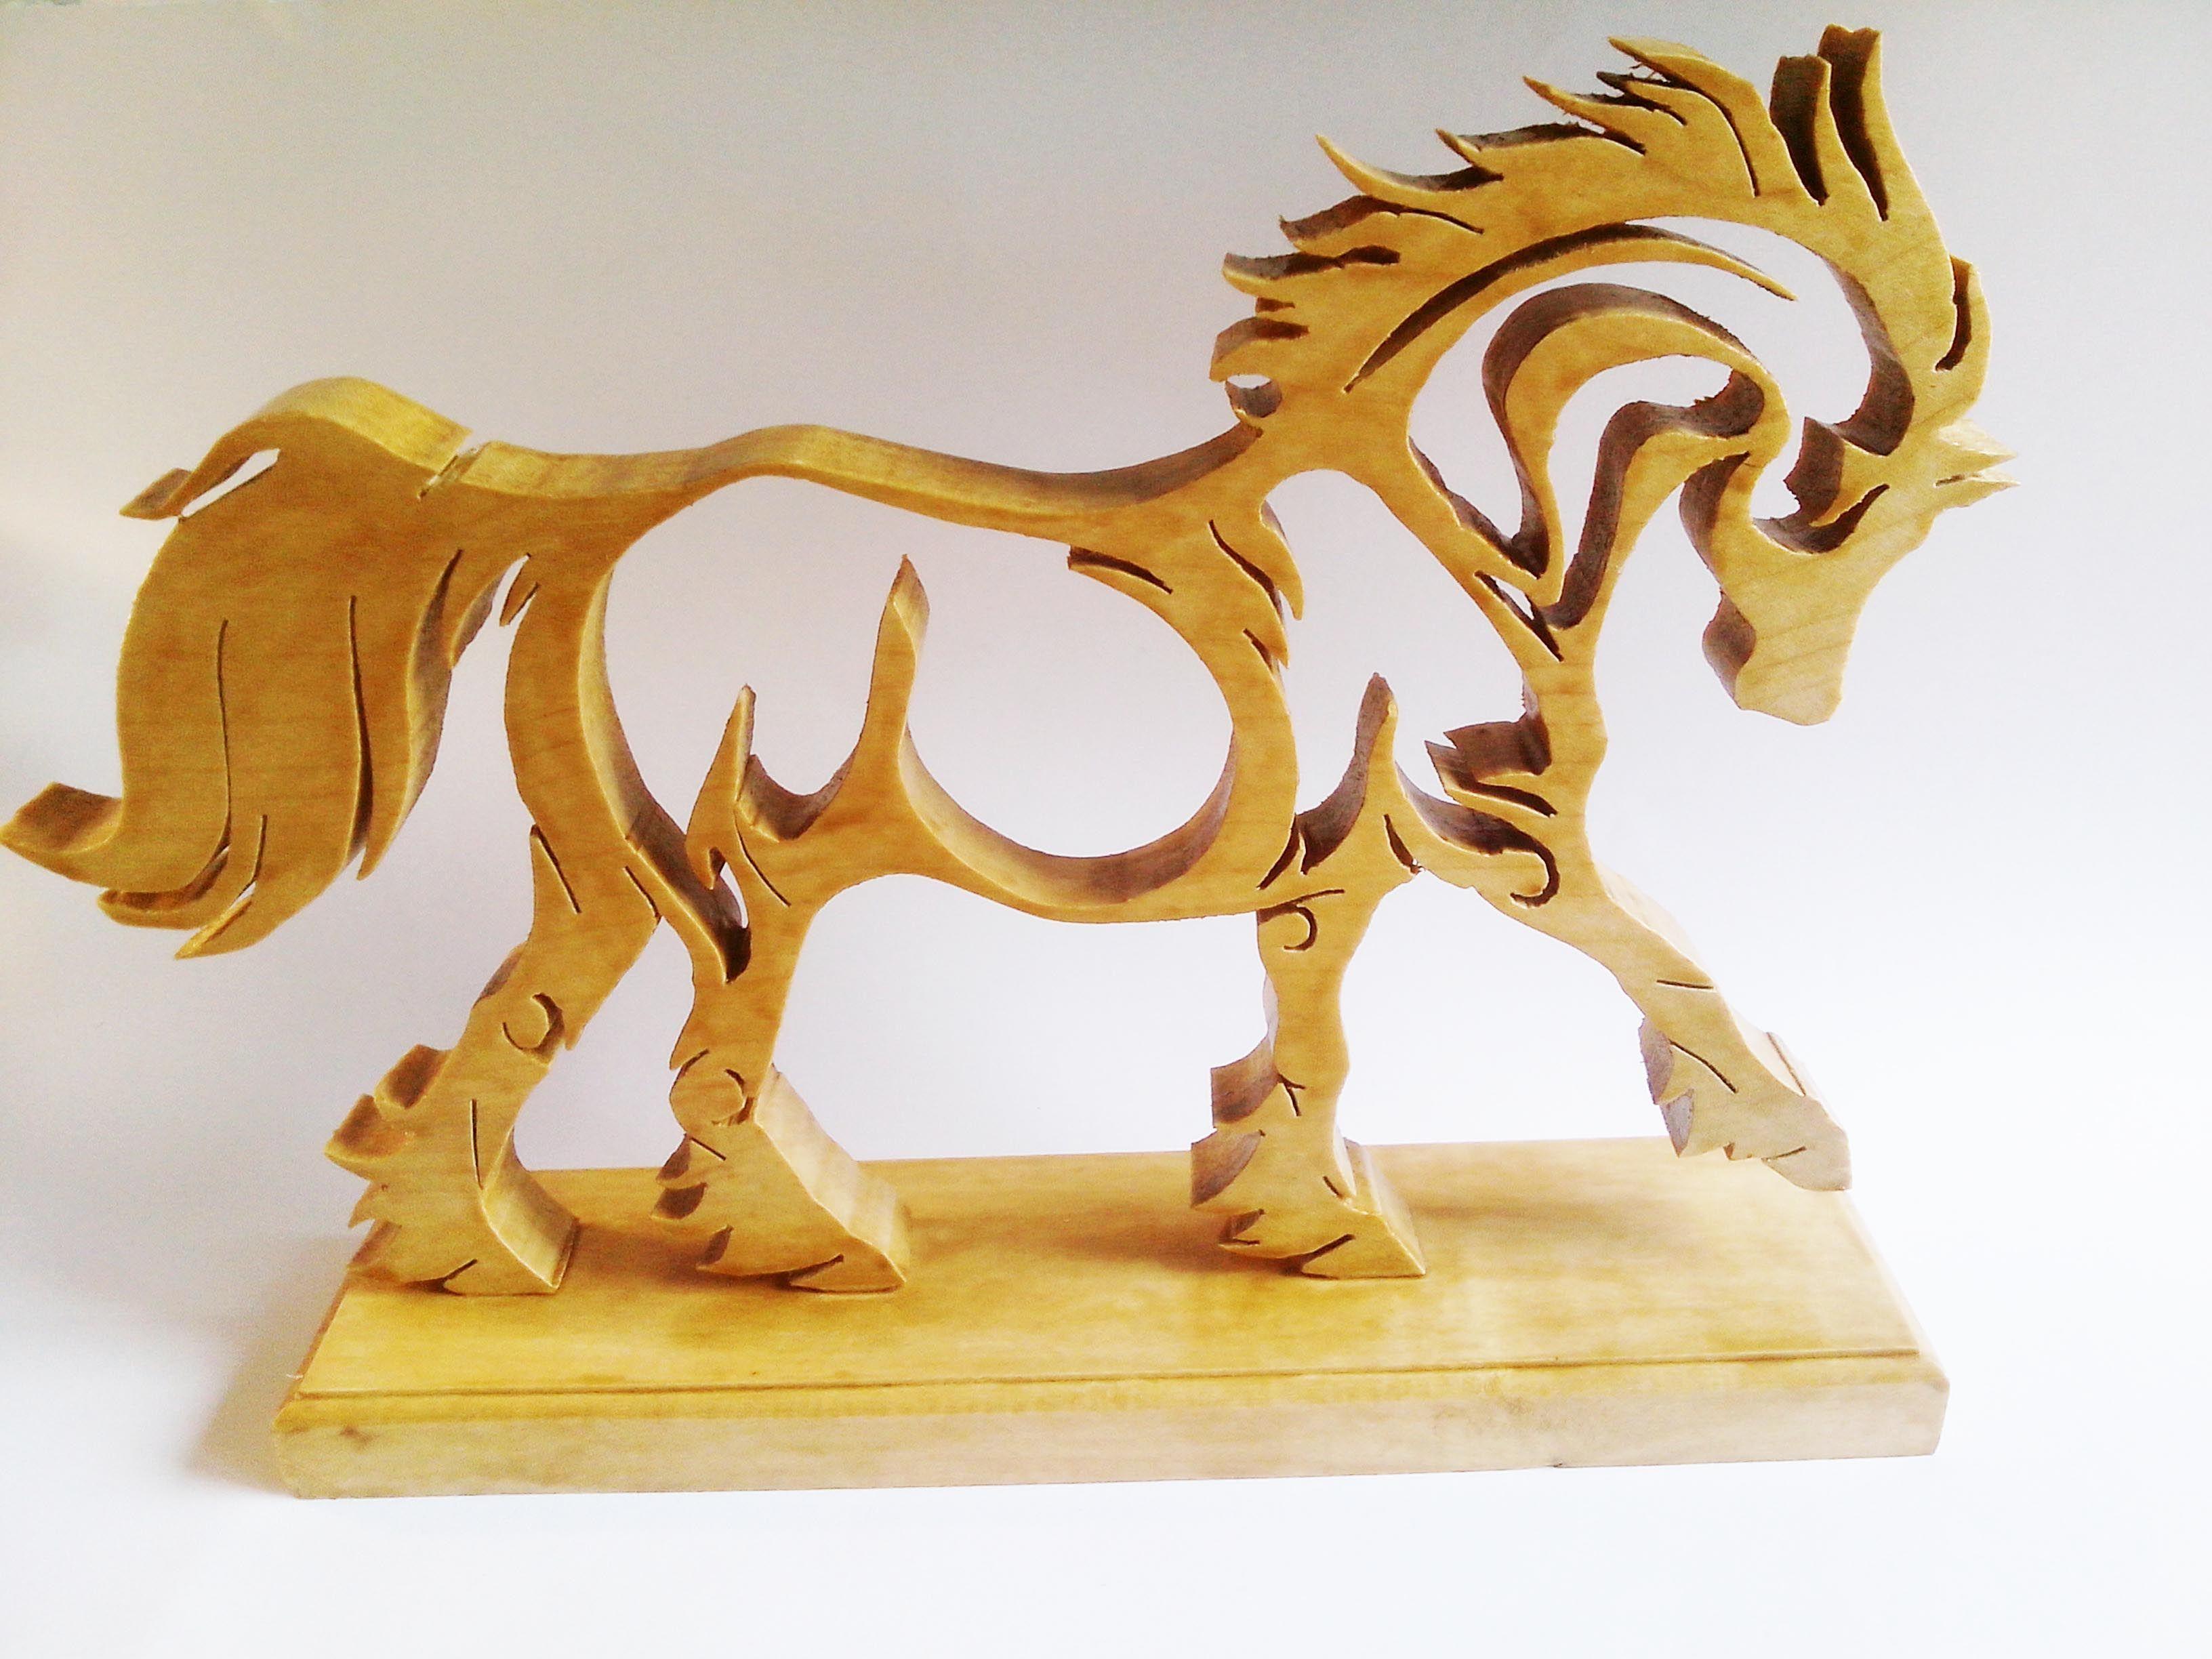 cheval en bois de sycomore chantourner et un autre en plexiglas d couper au laser vous pouvez. Black Bedroom Furniture Sets. Home Design Ideas